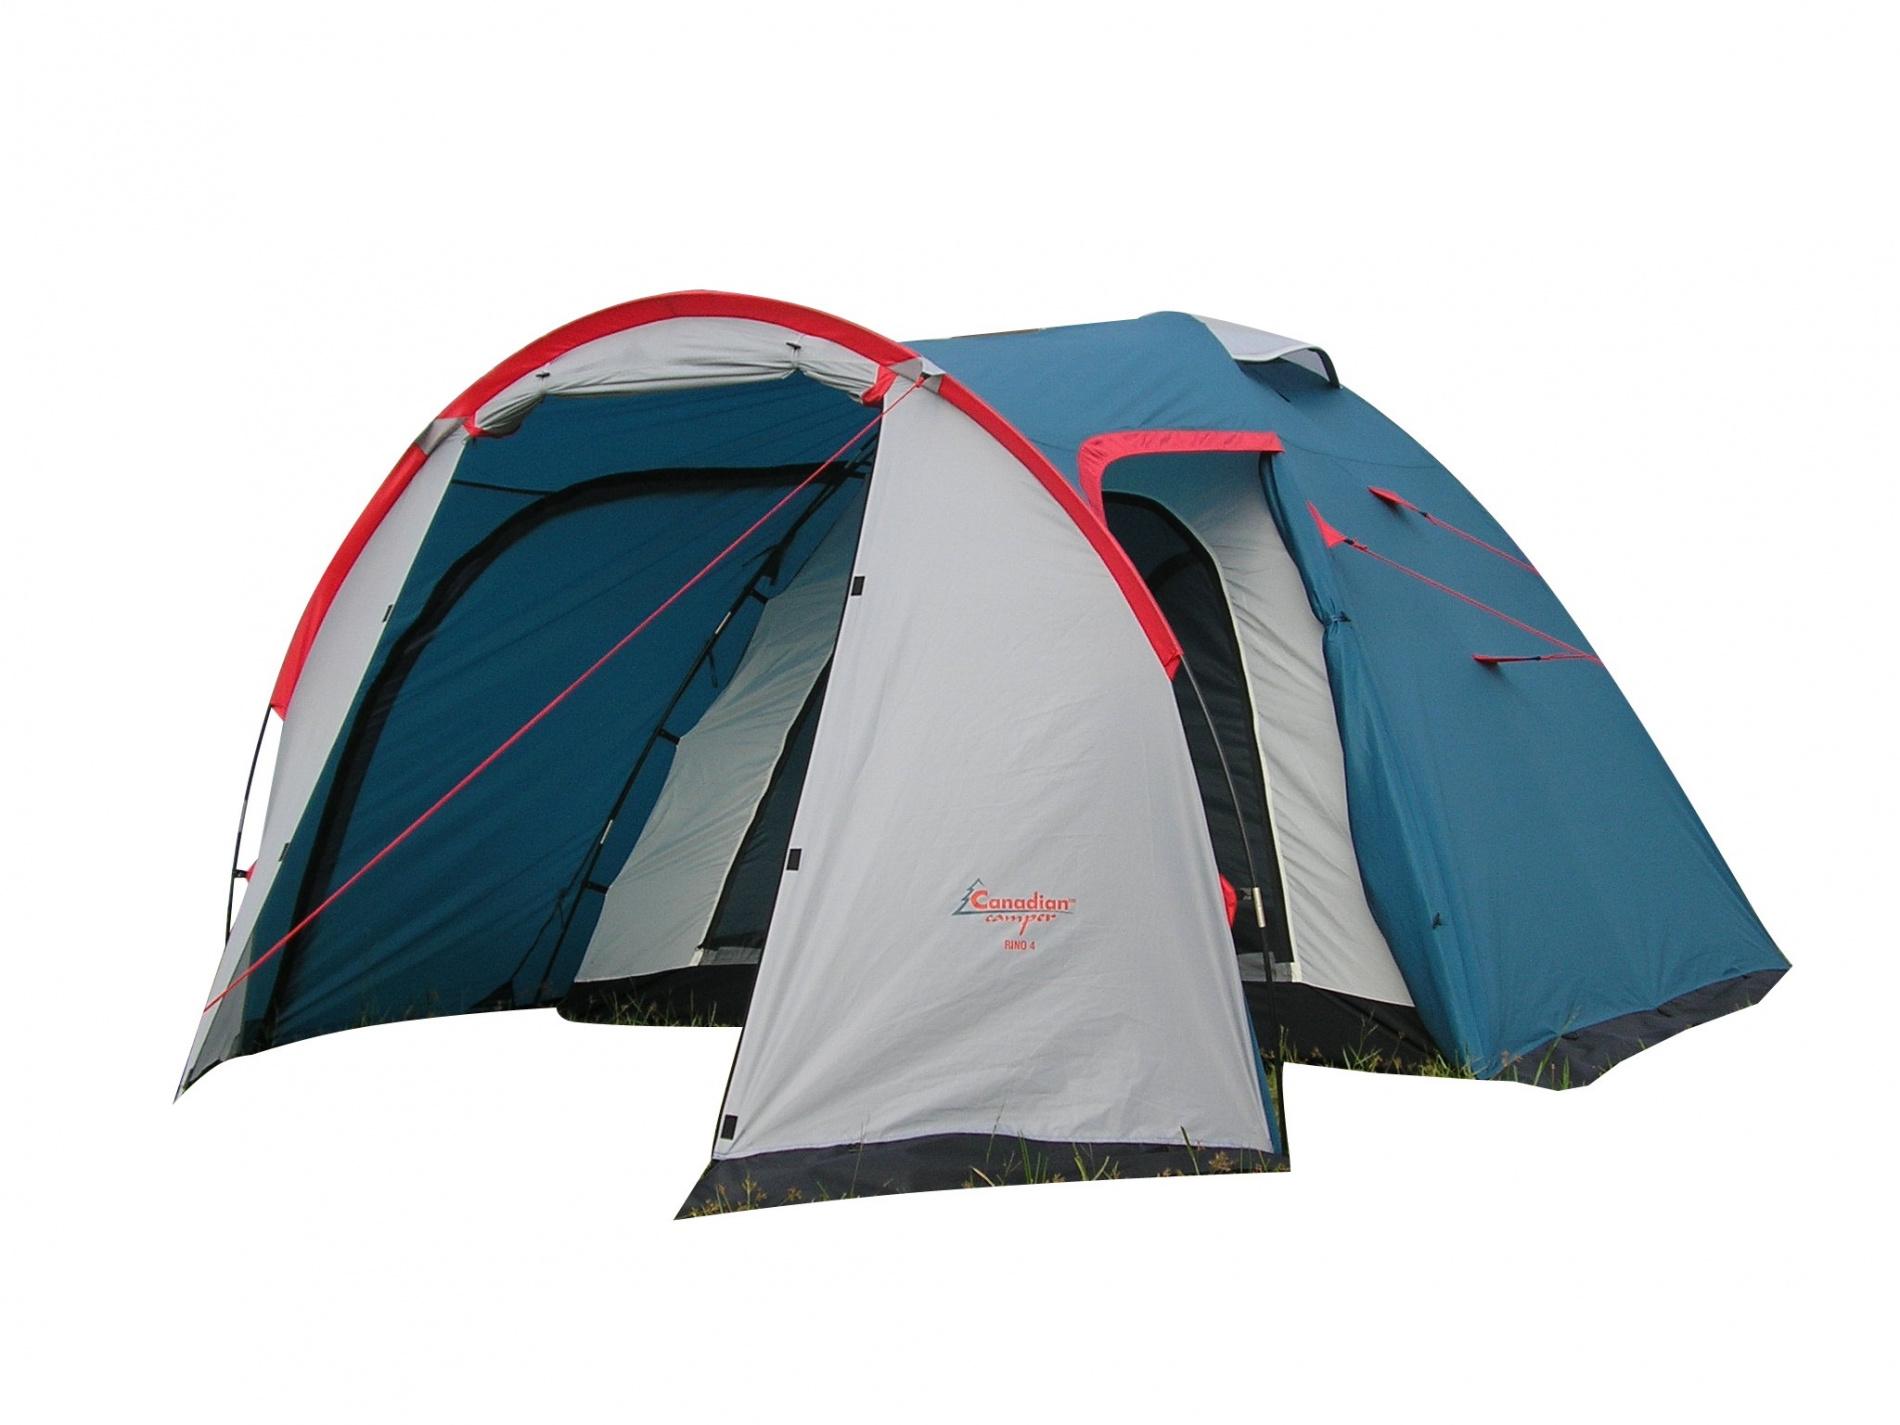 Палатка Canadian Camper RINO 2 (цвет royal дуги 8,5 мм)Палатки<br>Палатка RINO 2 (цвет royal дуги 8,5 мм)<br><br>Цвет: синий